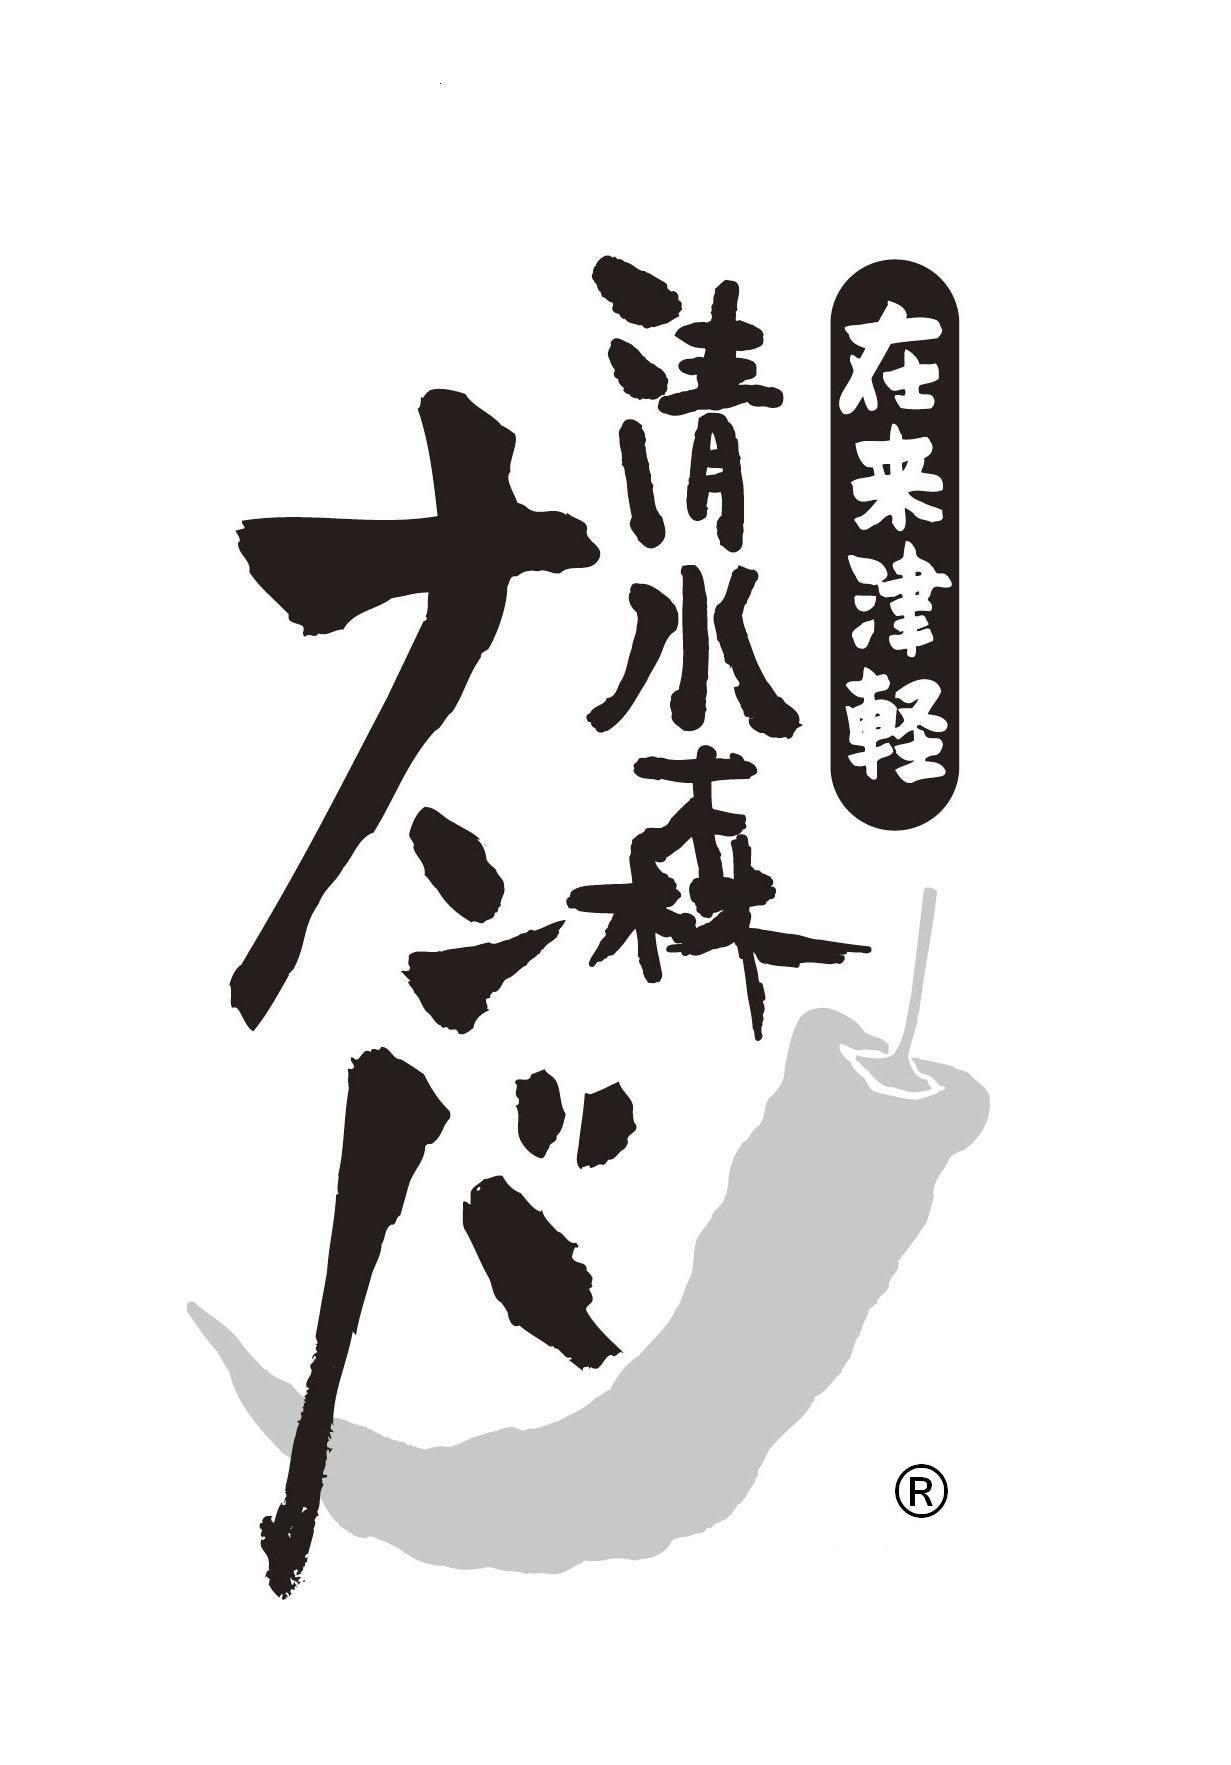 清水森ナンバ 公式ロゴ